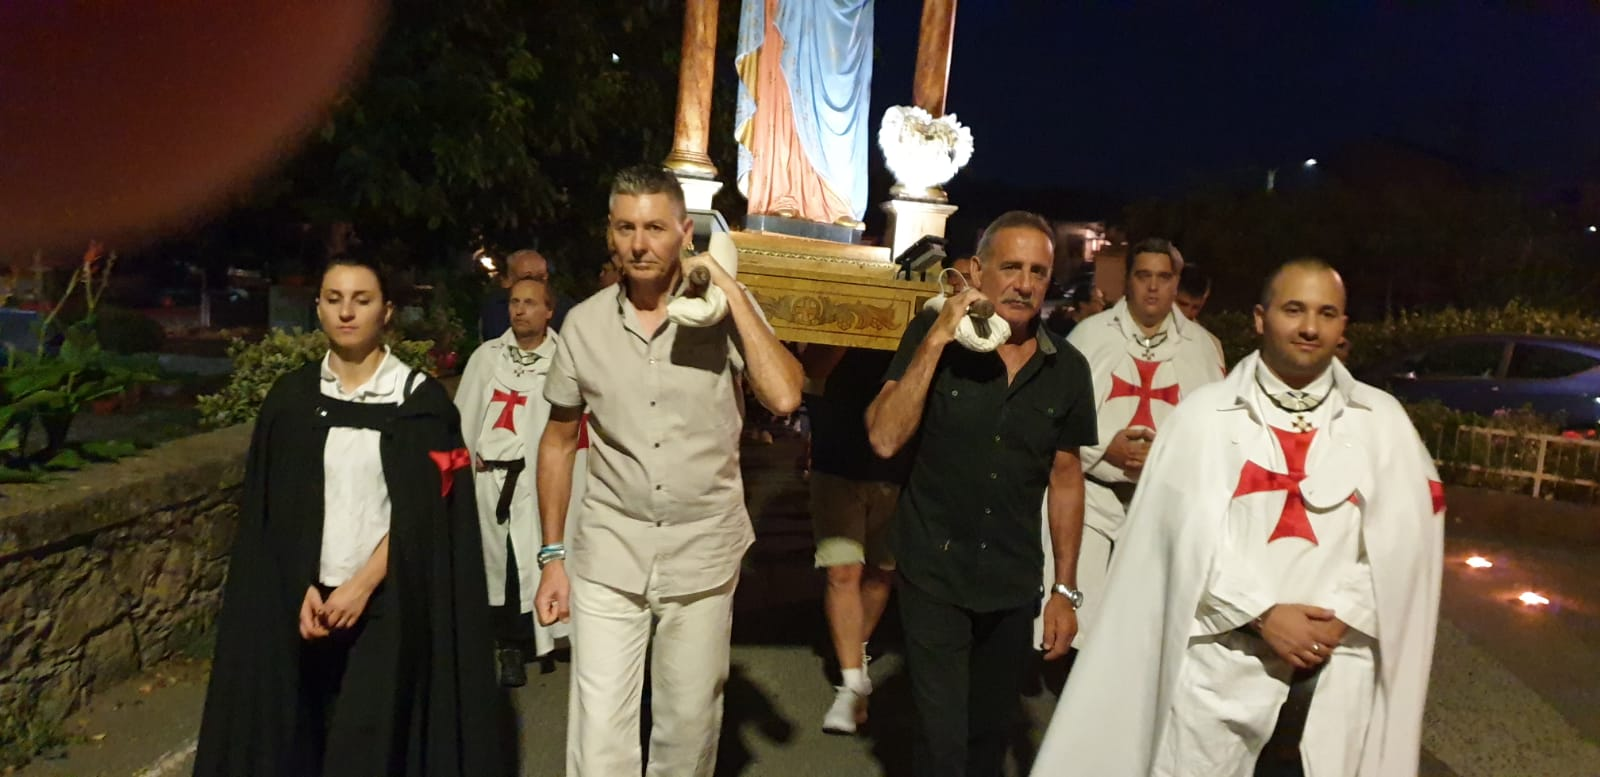 Vespri e processione in onore della Madonna della salute ad Albiano Magra